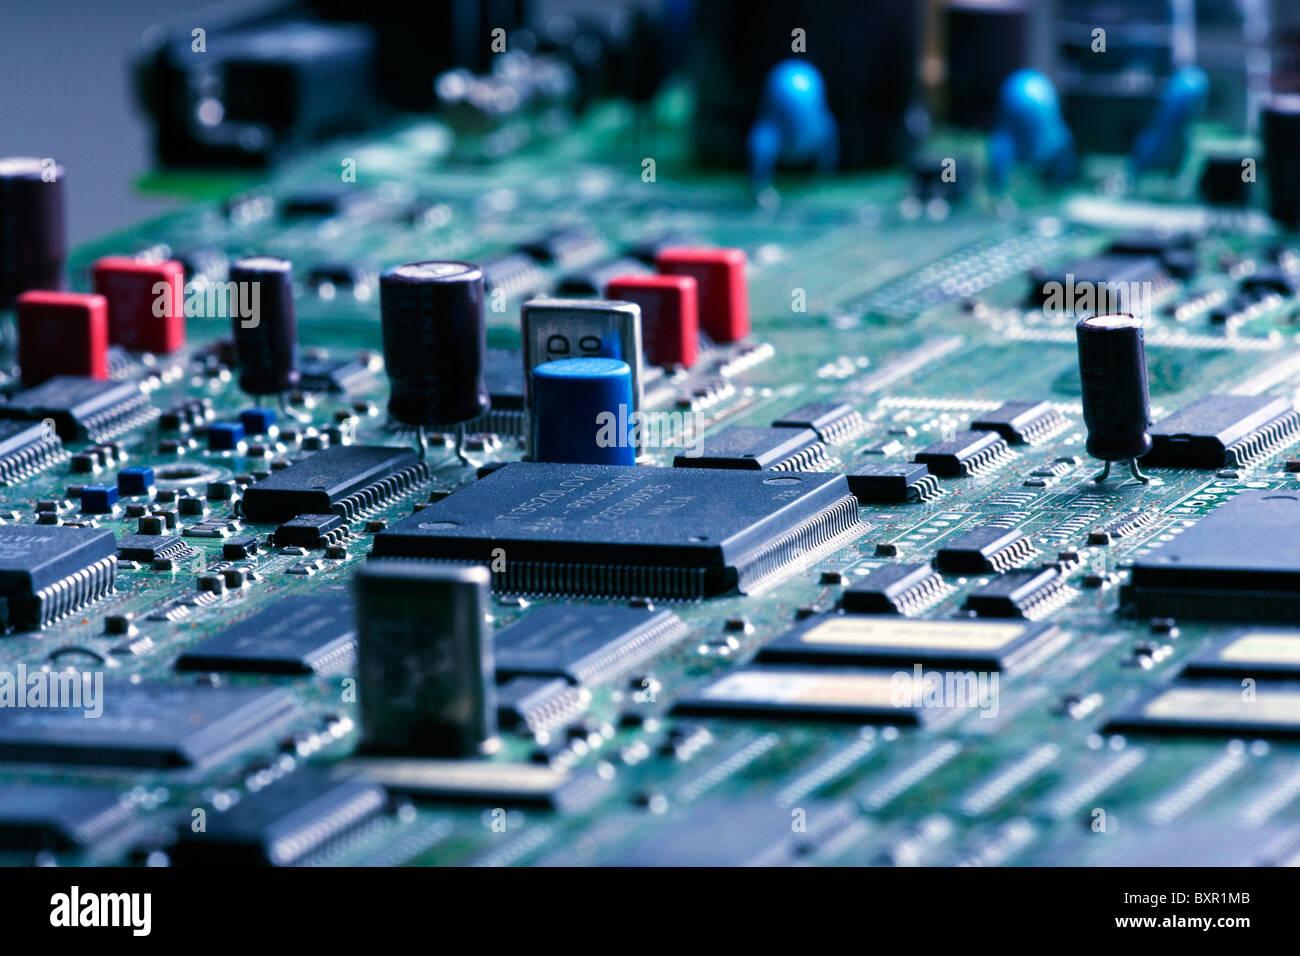 Scheda a circuito stampato che mostra i vari componenti elettronici Immagini Stock